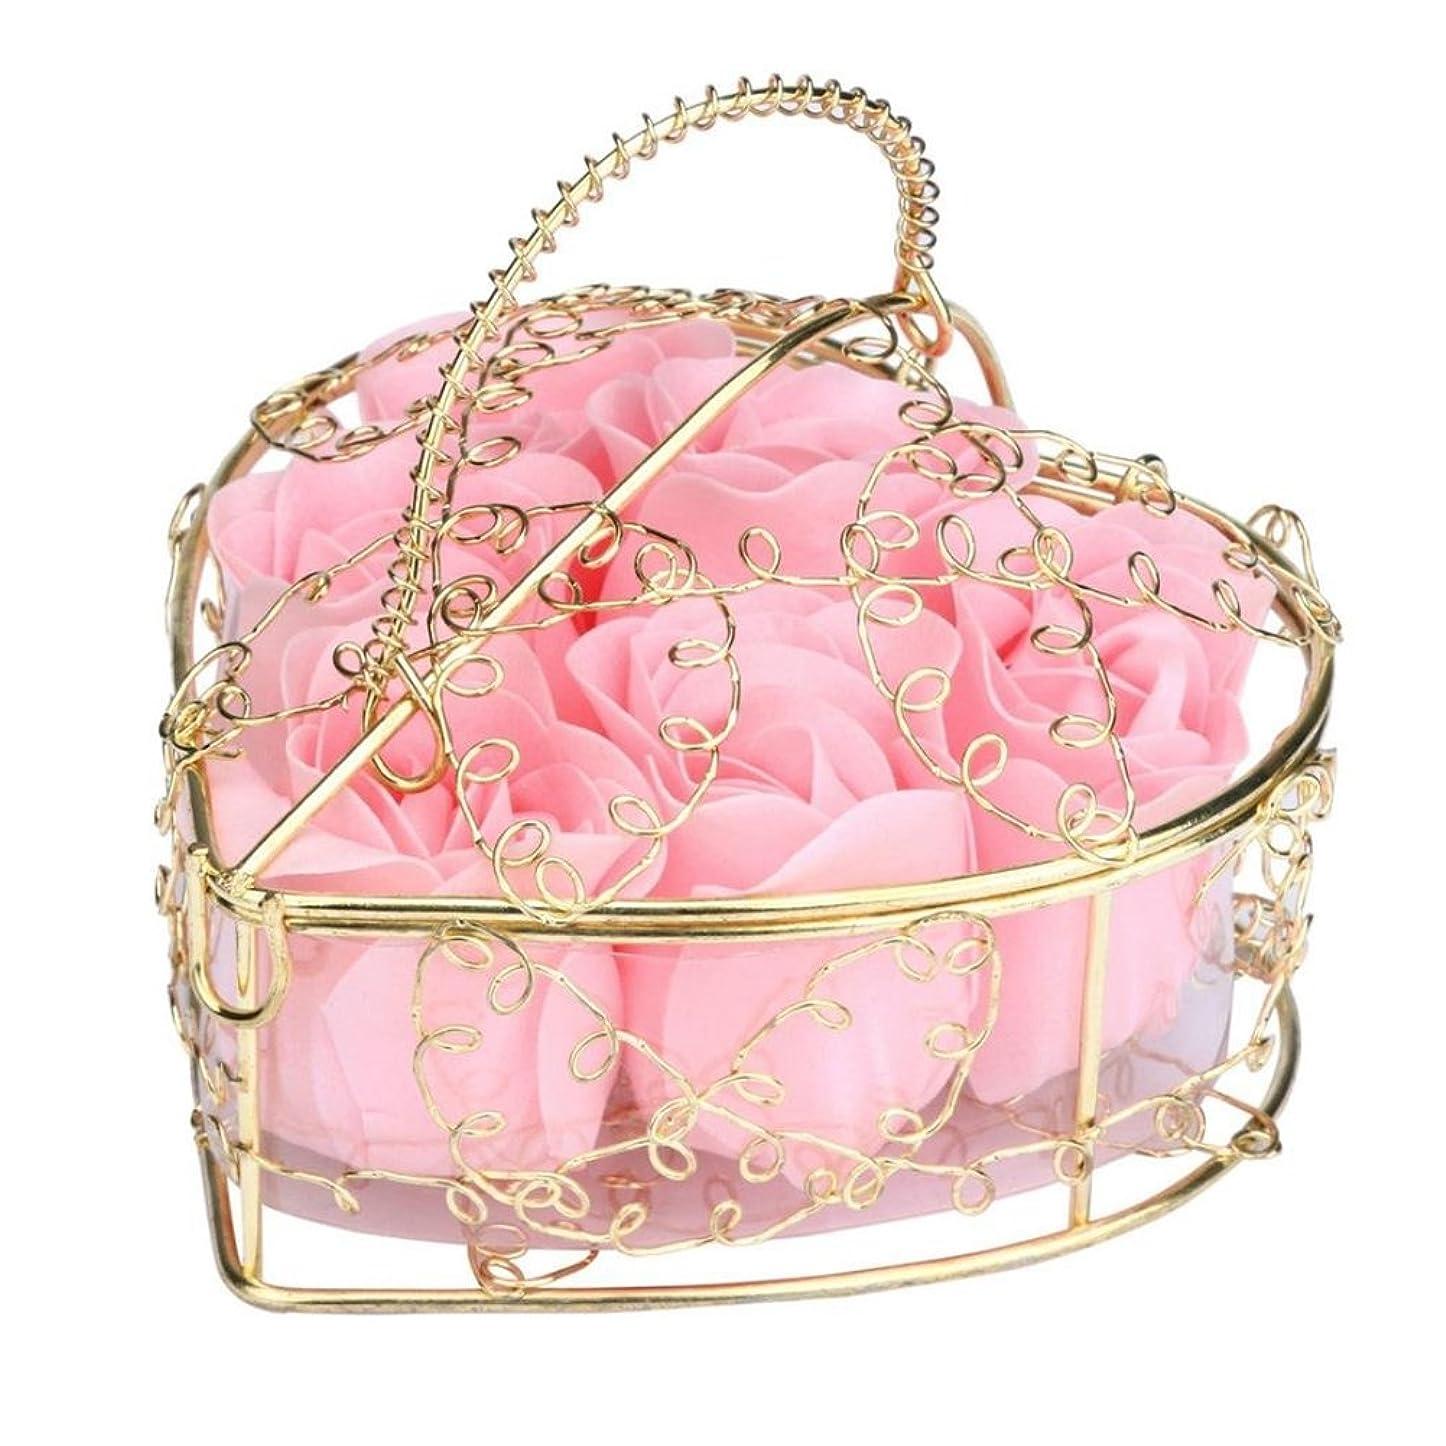 定義するスポーツ新鮮なSODIAL 6個の香り付きローズフラワー 花びらバス ボディソープ ウェディングパーティーギフト ホームDIYデコレーション(ピンク)